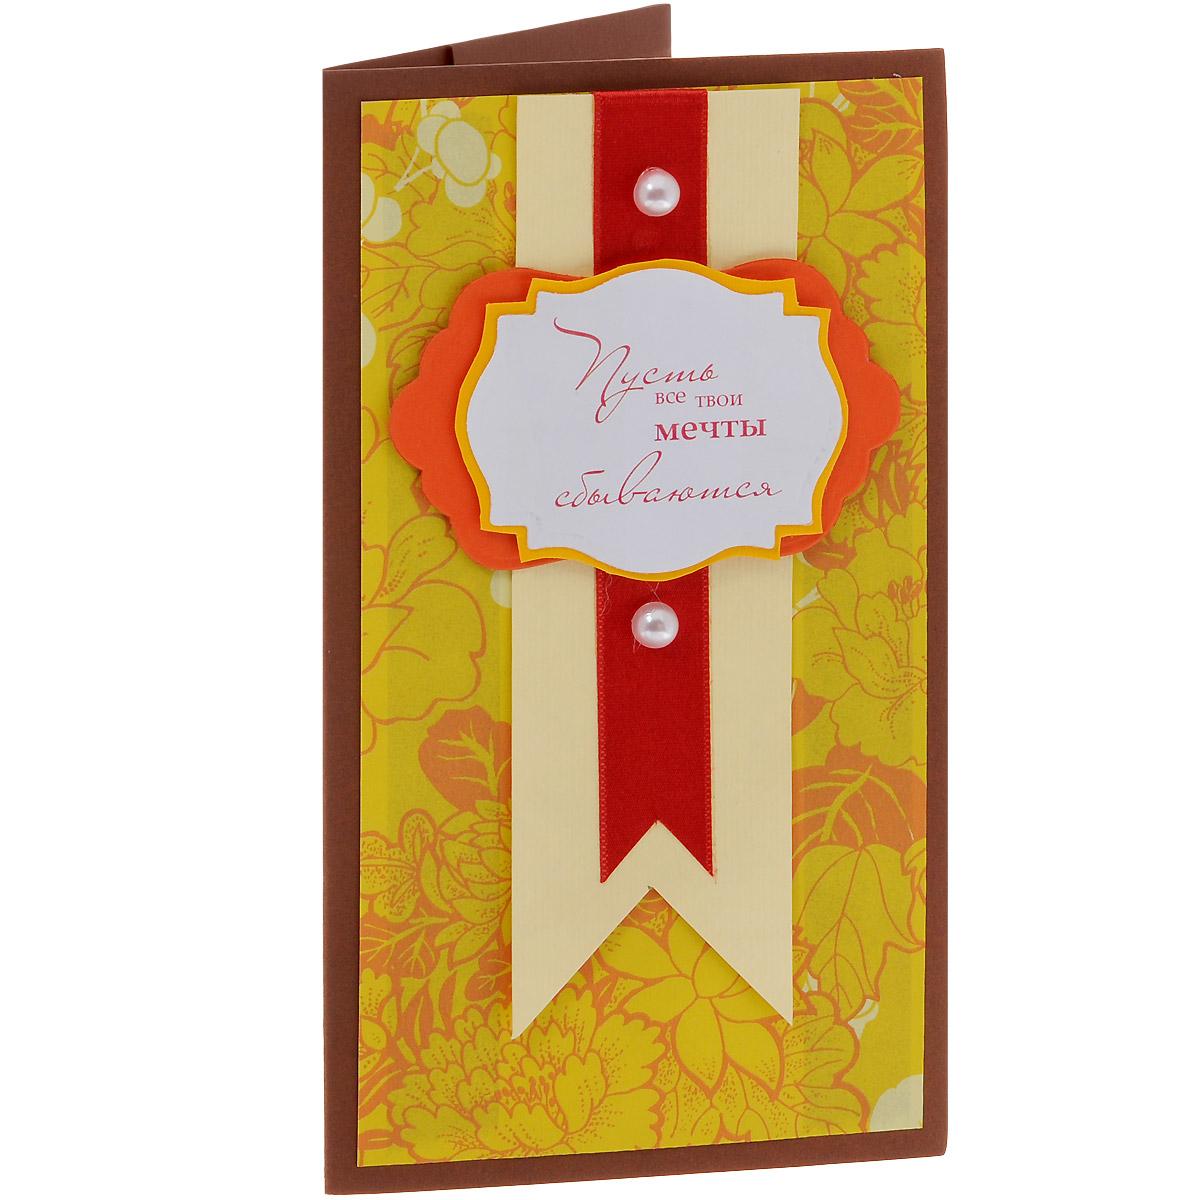 ОЖ-0007 Открытка-конверт «Пусть все твои мечты сбываются» (коричневая). Студия «Тётя Роза»SPB006Характеристики: Размер 19 см x 11 см. Материал: Высоко-художественный картон, бумага, декор. Данная открытка может стать как прекрасным дополнением к вашему подарку, так и самостоятельным подарком. Так как открытка является и конвертом, в который вы можете вложить ваш денежный подарок или просто написать ваши пожелания на вкладыше. Благородный фон усилен ажурным узором цветочных и растительных мотивов. Поздравительная надпись расположена на изящной, многослойной табличке. В оформлении открытки использована атласная лента и жемчужные полубусины. Также открытка упакована в пакетик для сохранности. Обращаем Ваше внимание на то, что открытка может незначительно отличаться от представленной на фото.